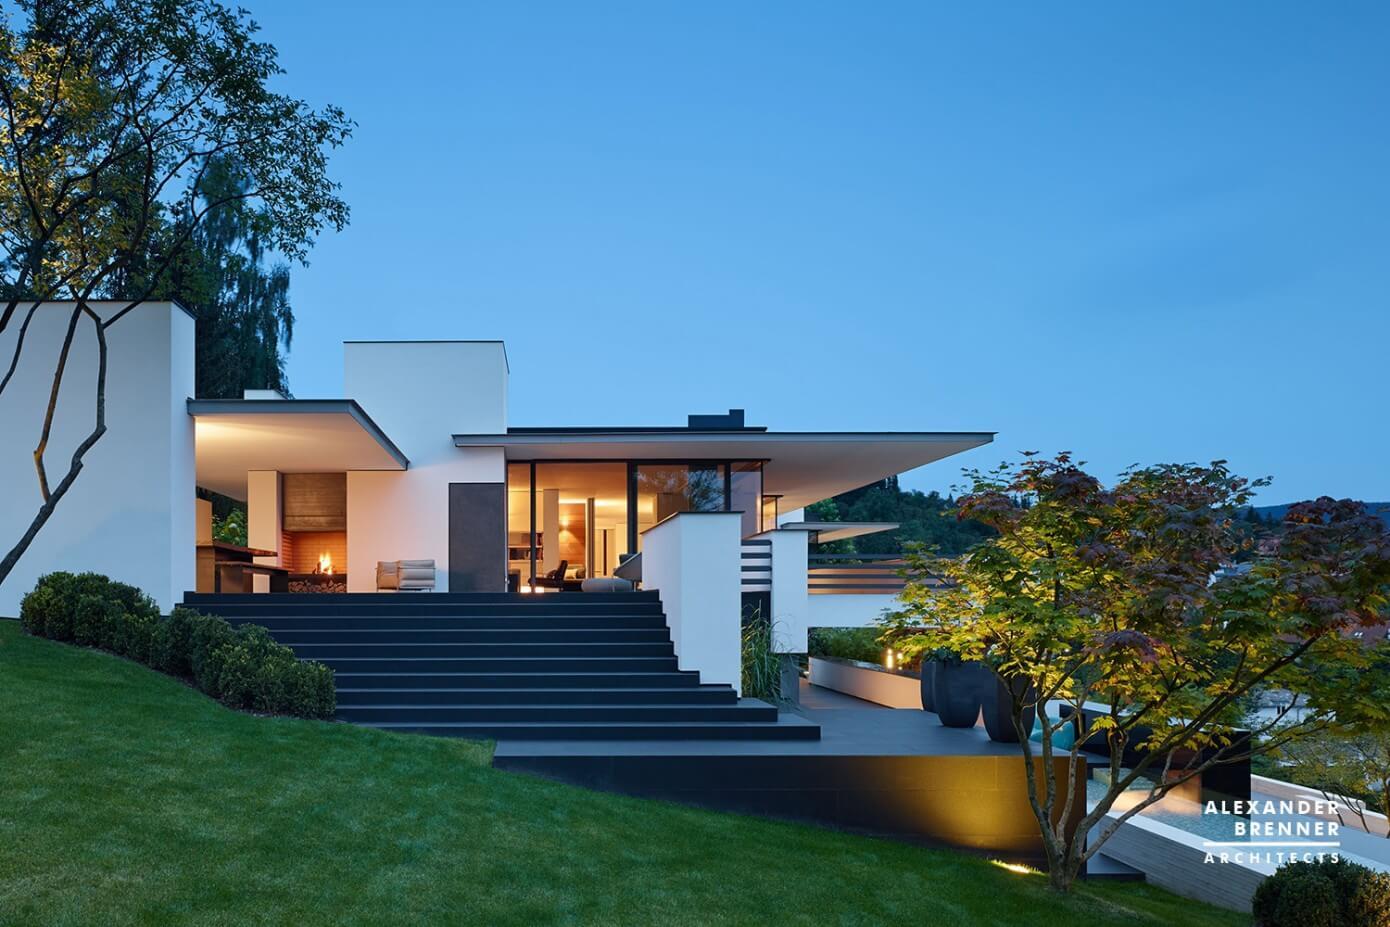 014 house reutlingen alexander brenner architekten homeadore. Black Bedroom Furniture Sets. Home Design Ideas